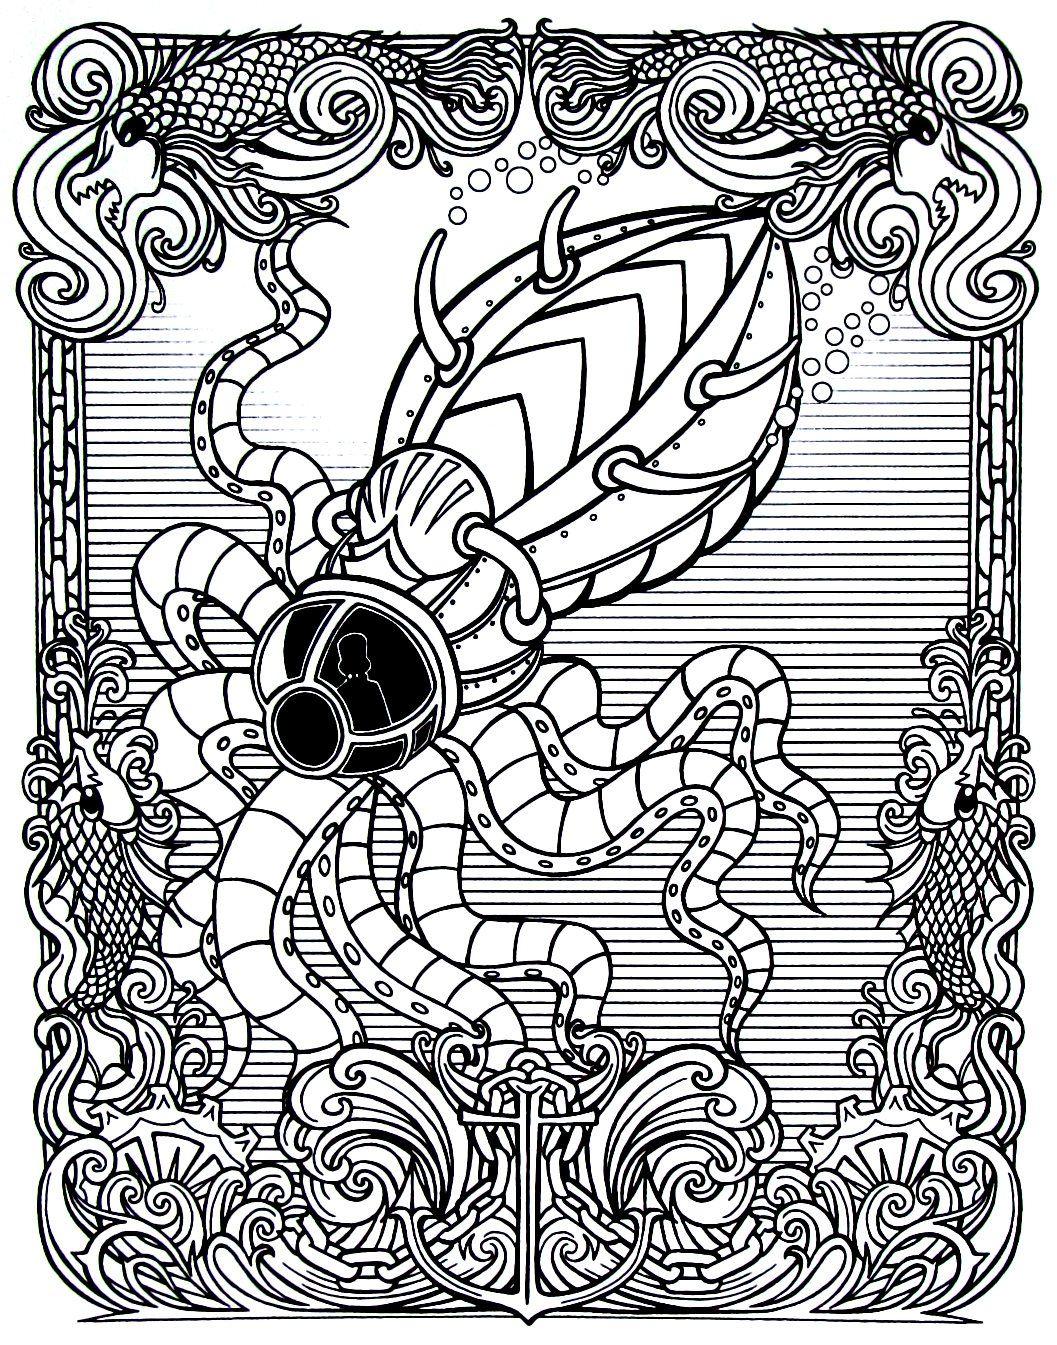 Steampunk Underwater Octopus Submarine Printable Coloring Book Page Steampunk Coloring Steampunk Coloring Book Coloring Pages